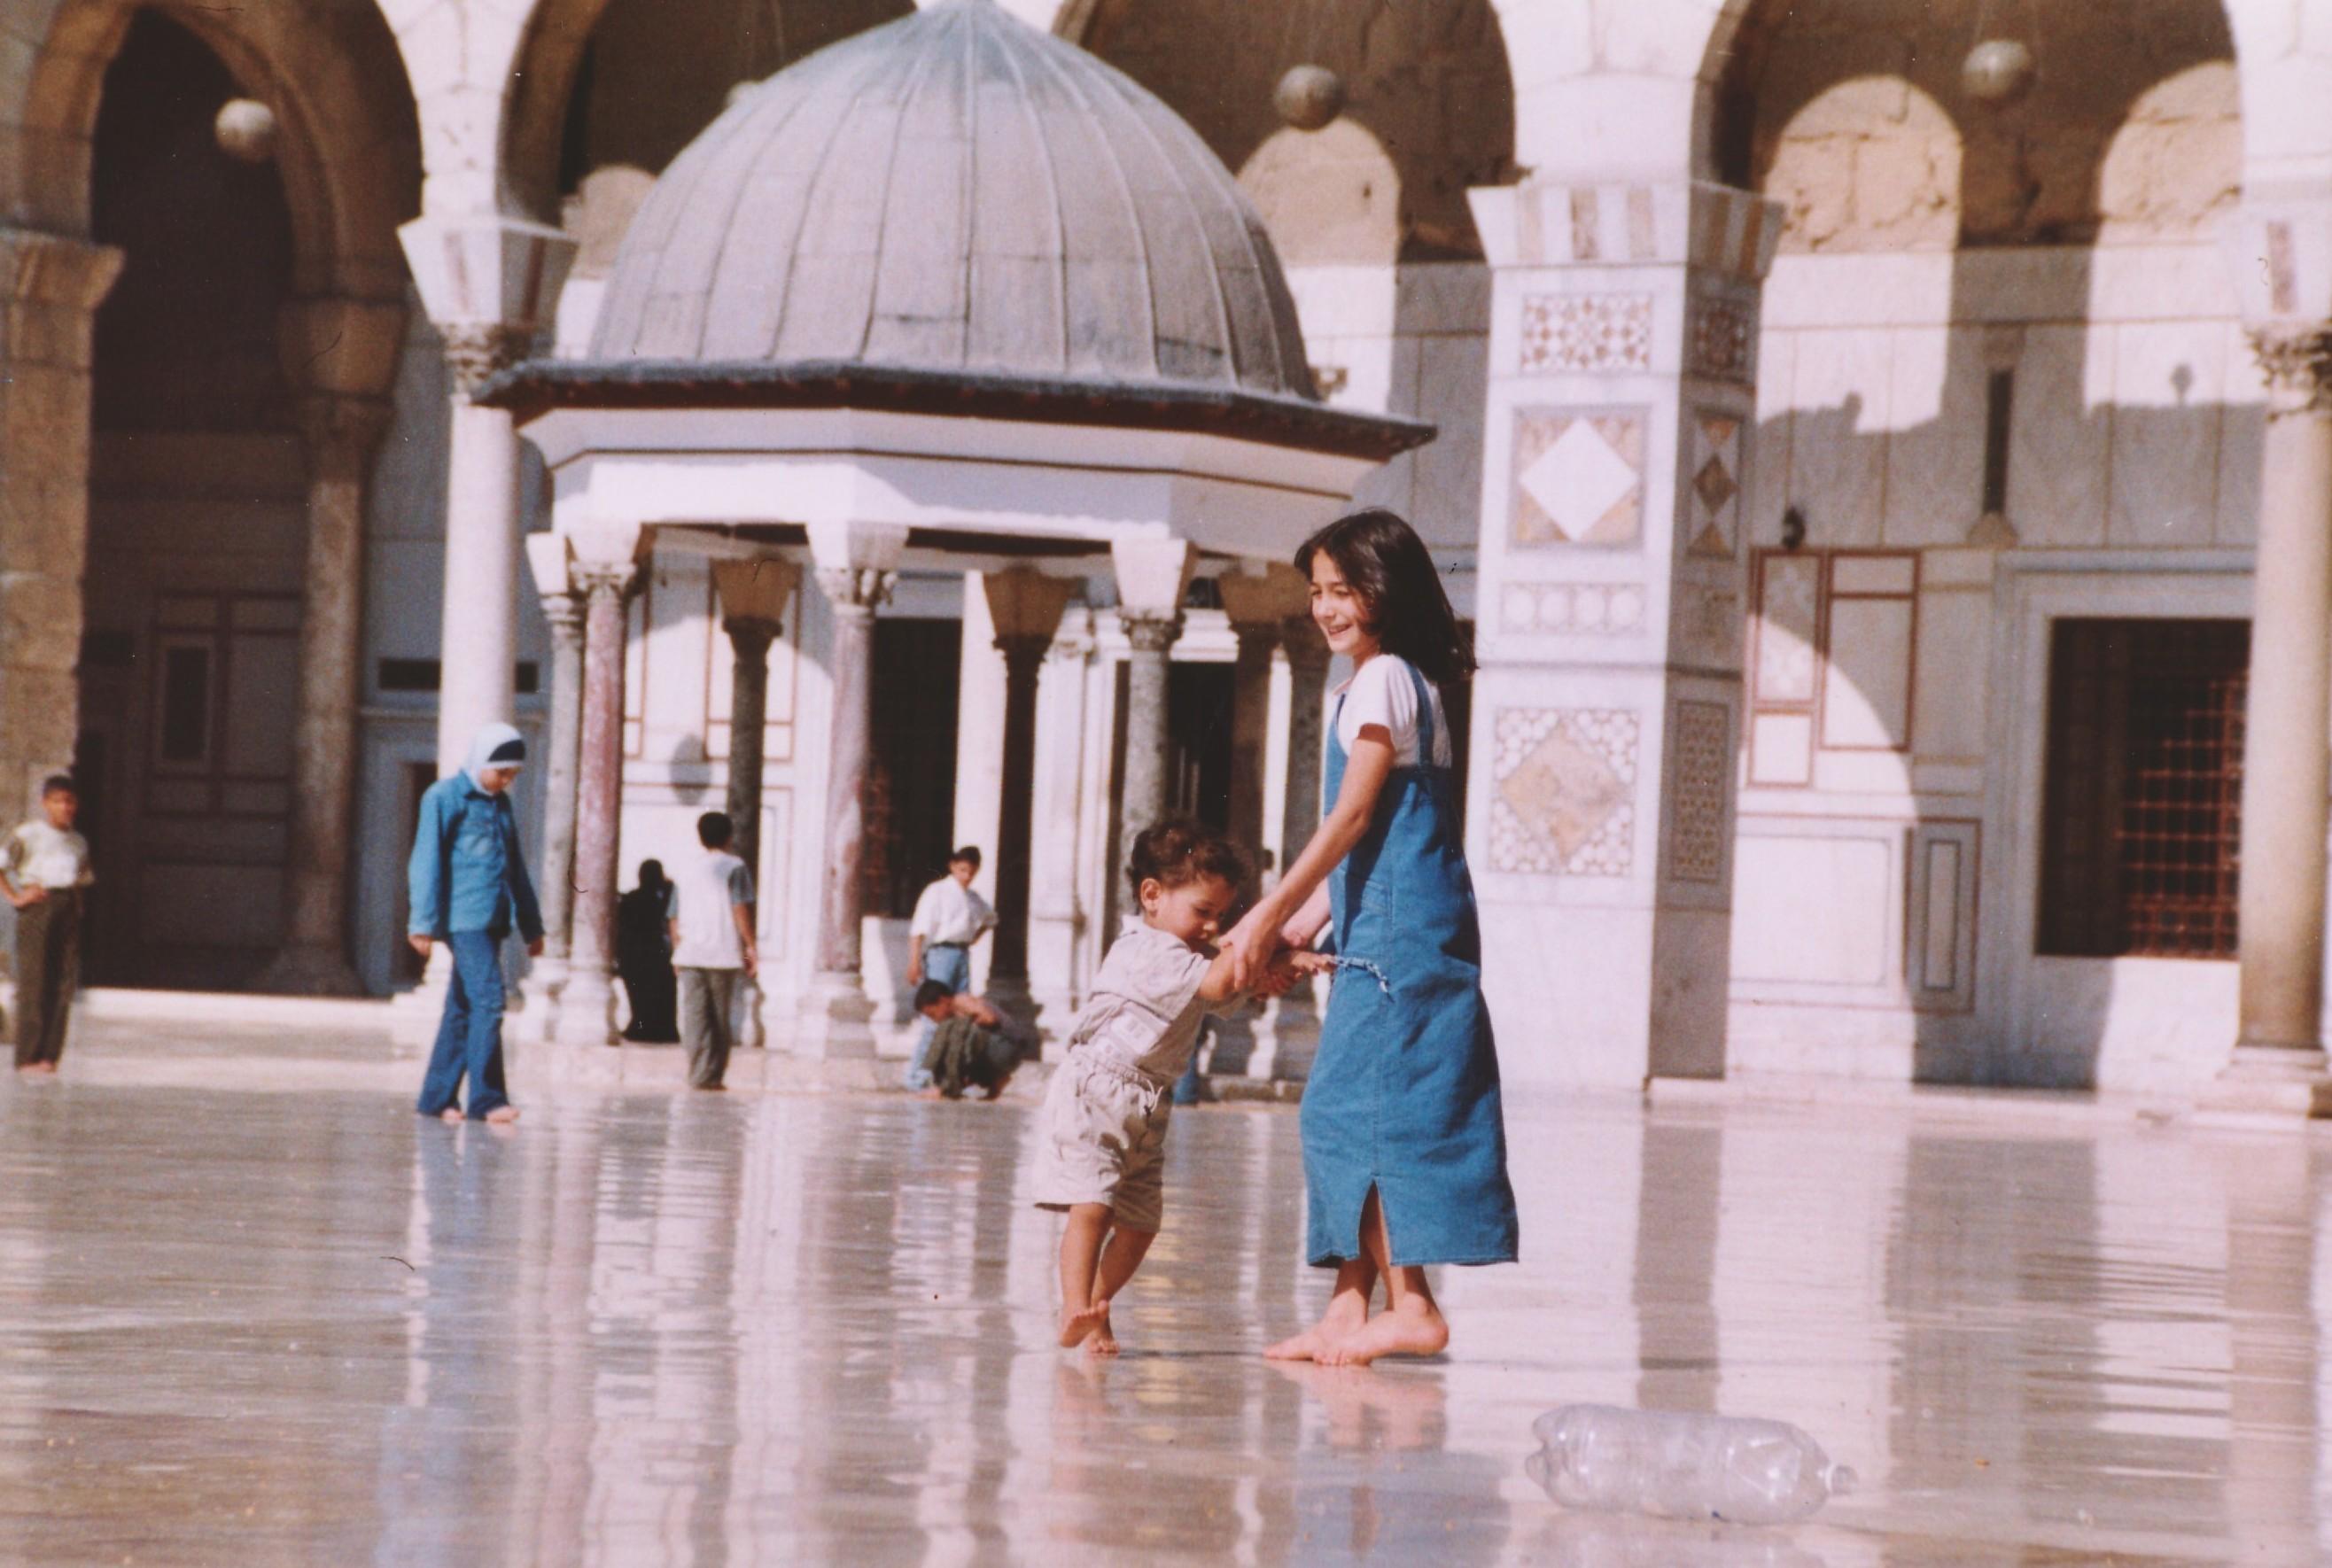 Foto di Valentina Perniciaro _ Girotondi in moschea _